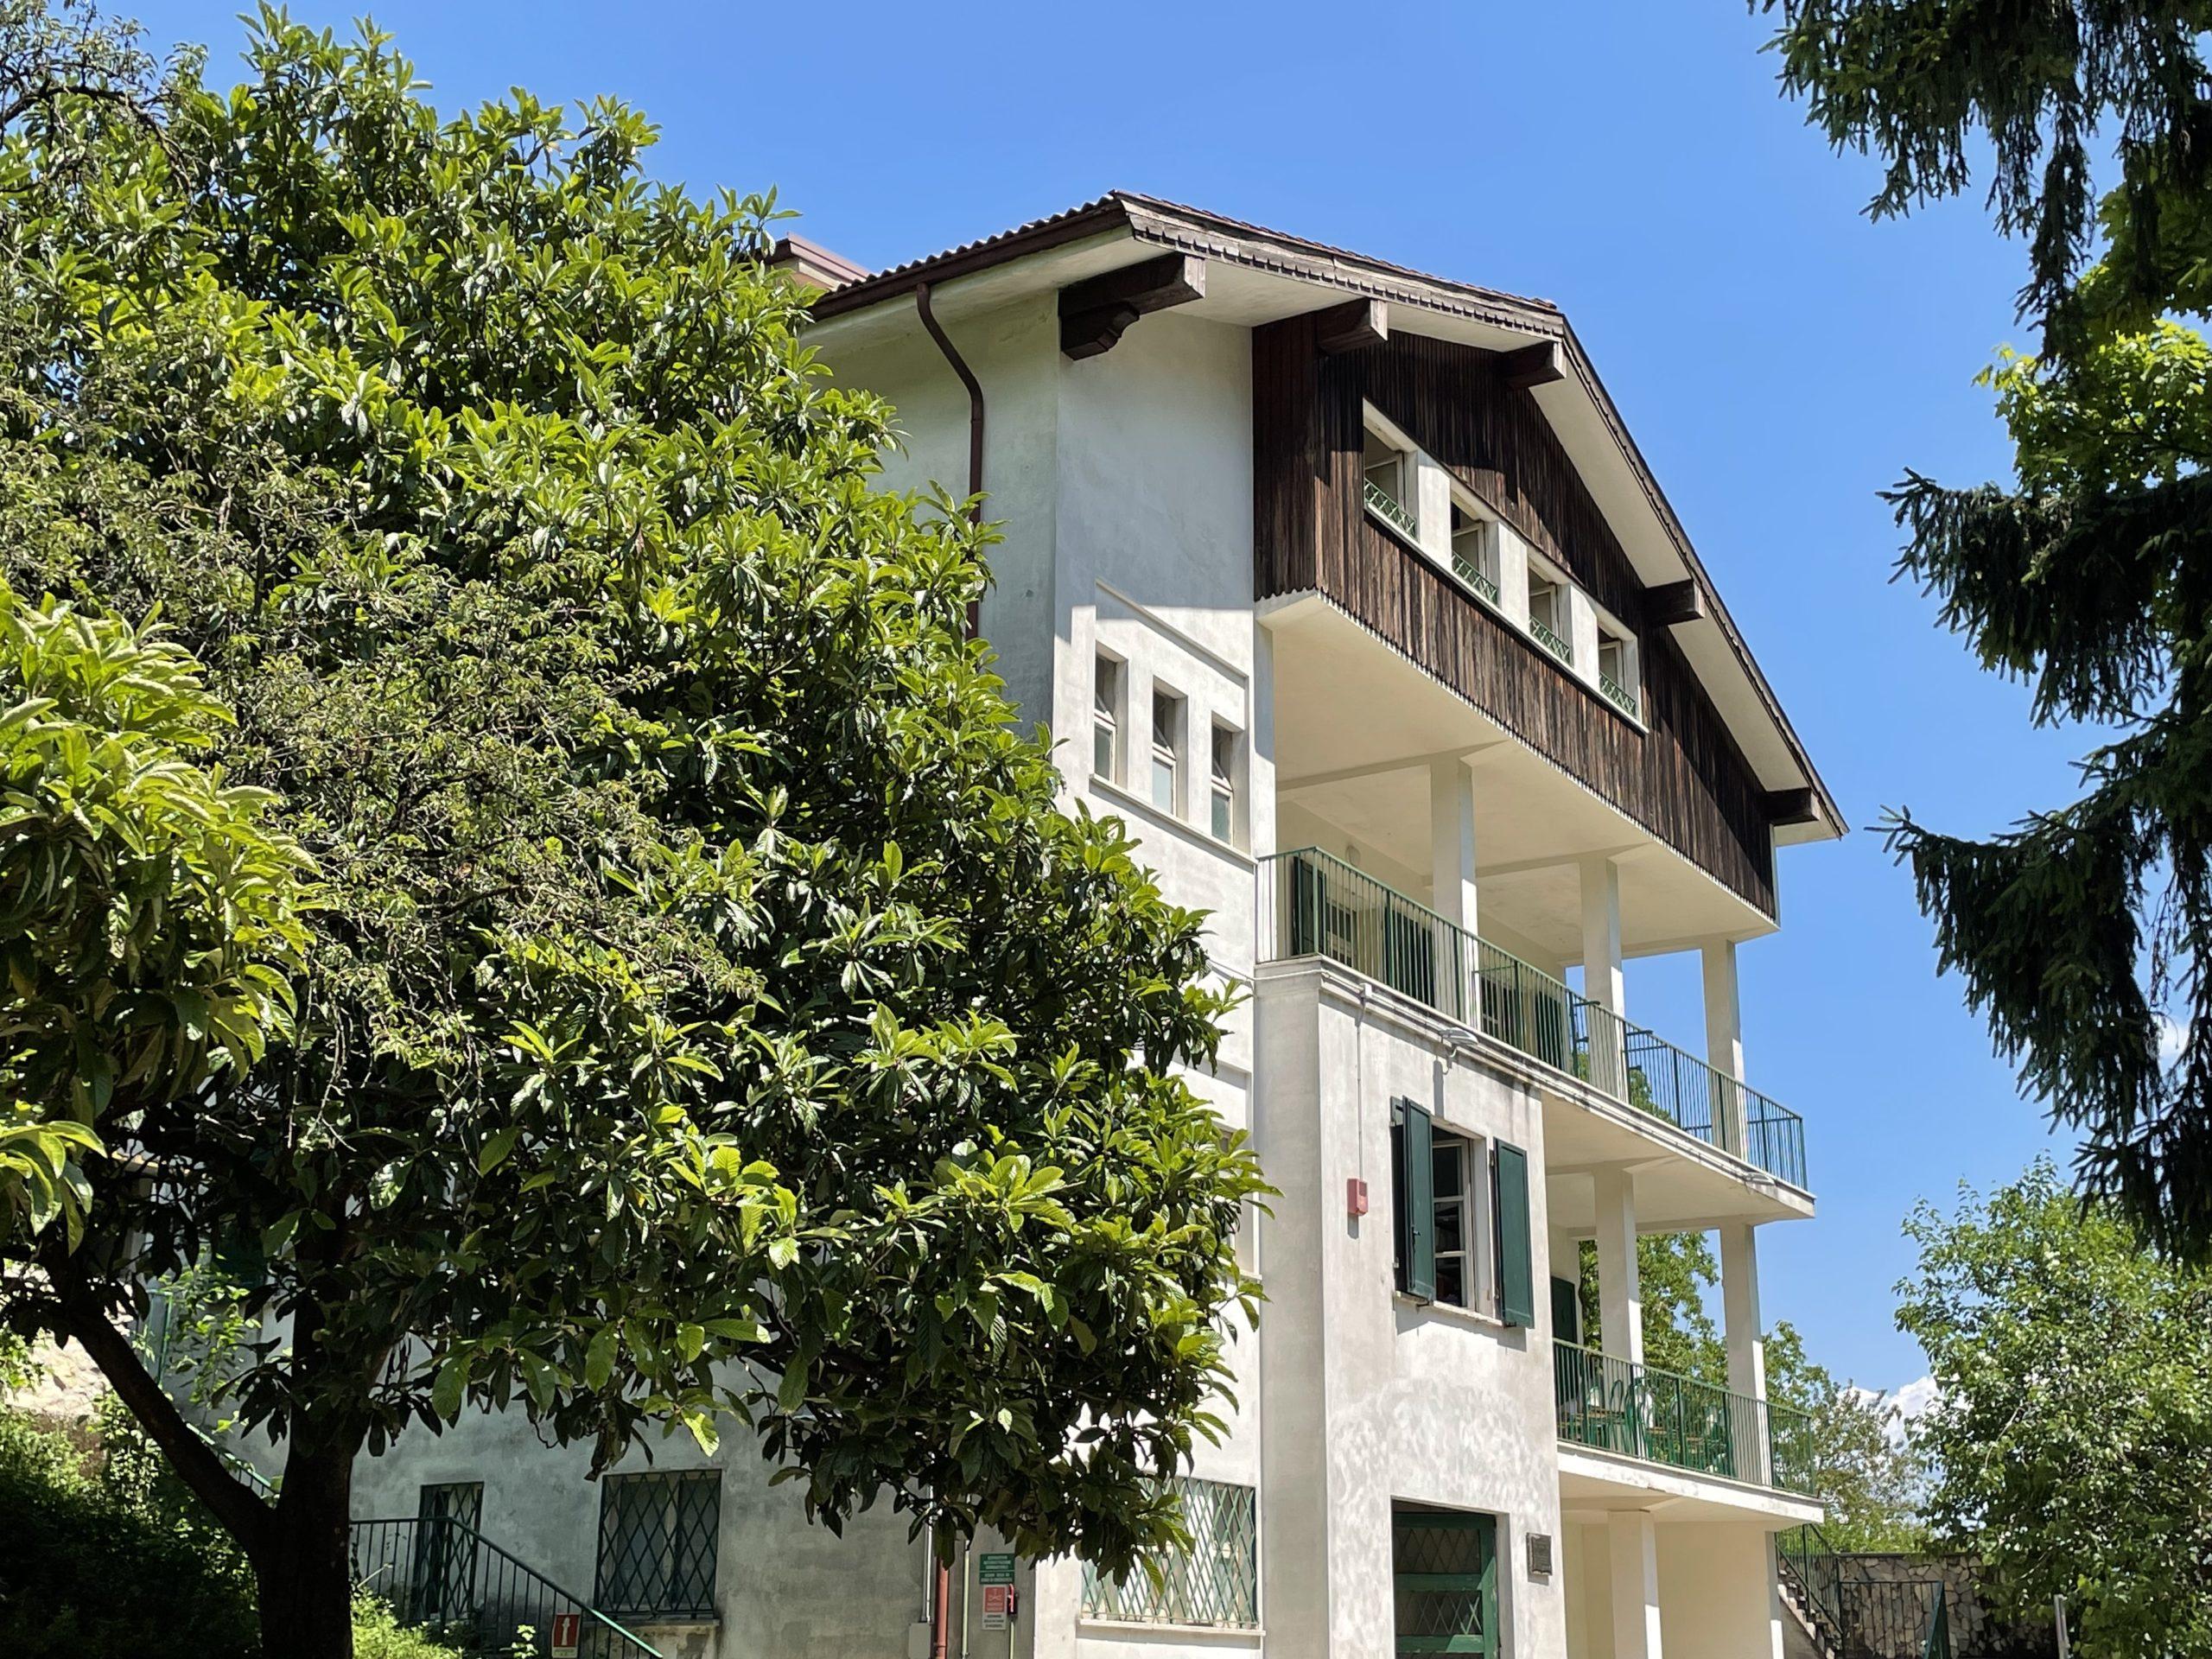 Casa Pier Giorgio Frassati a Biacesa di Ledro